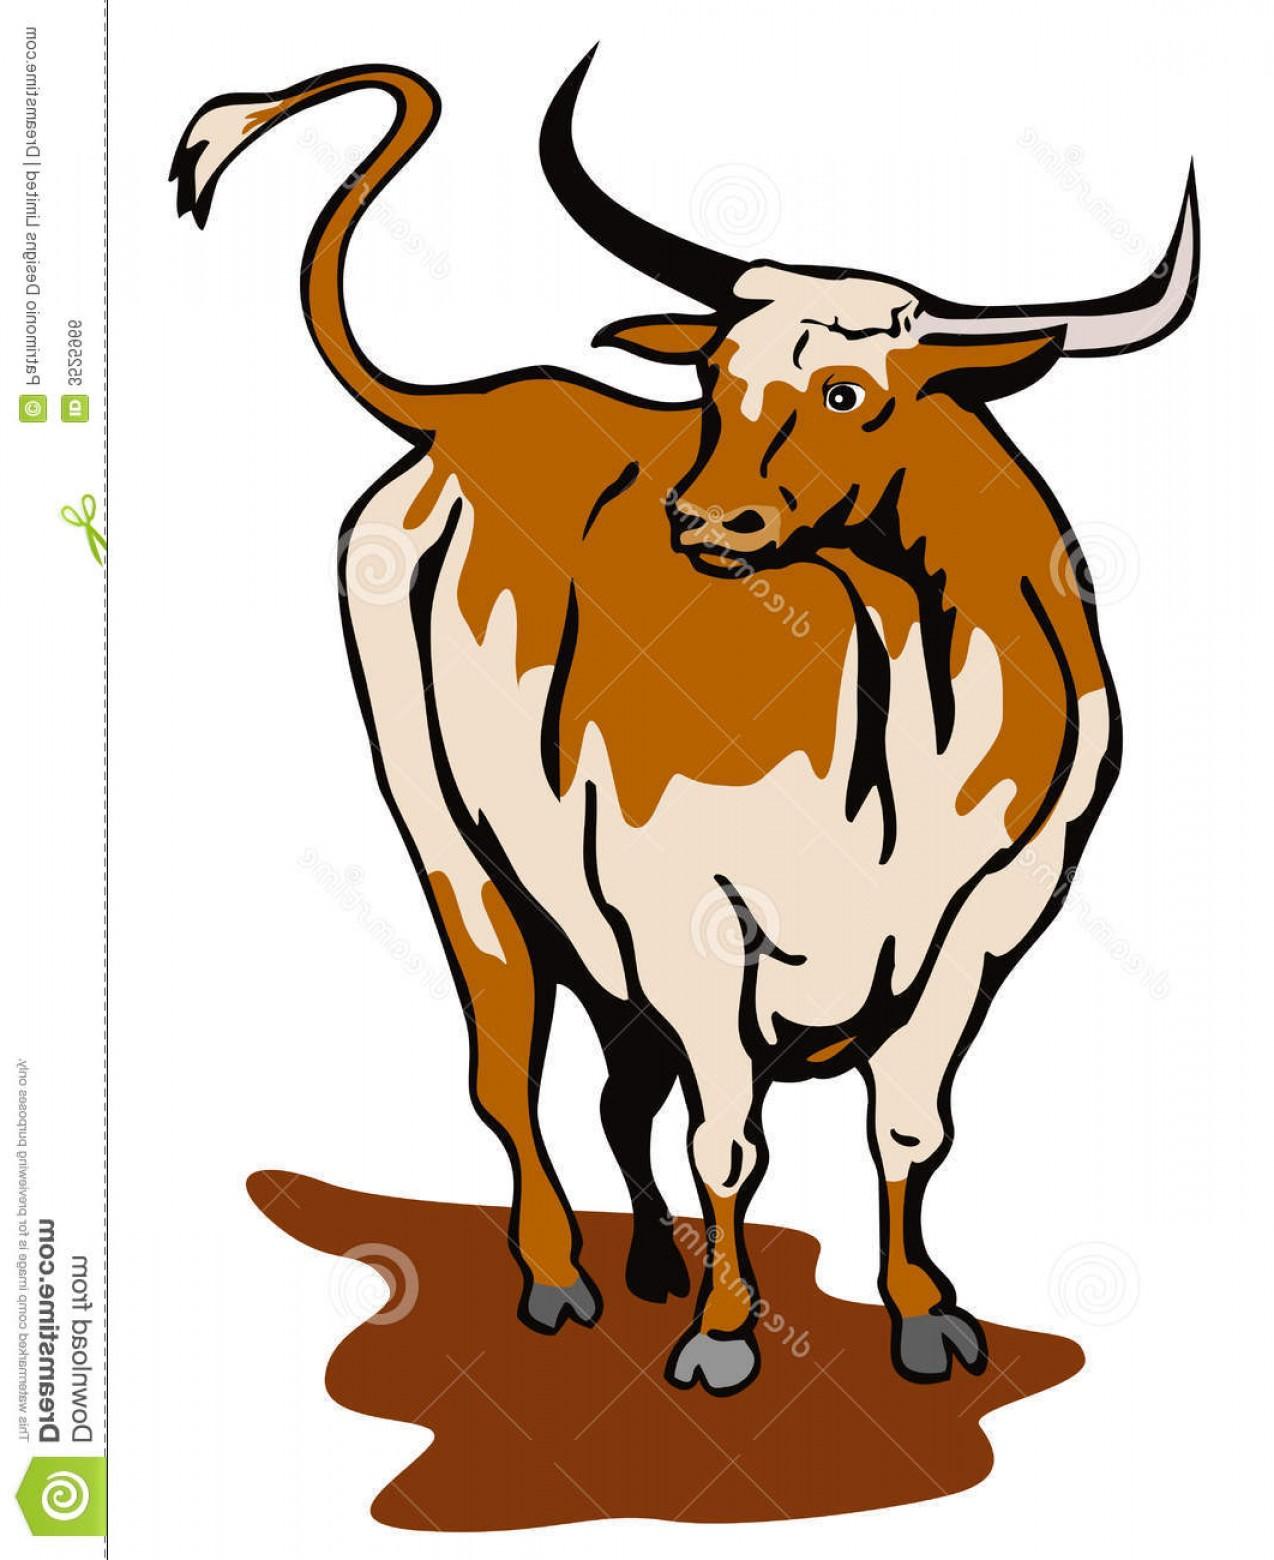 1274x1560 Texas Longhorn Logo Vector Art Sohadacouri